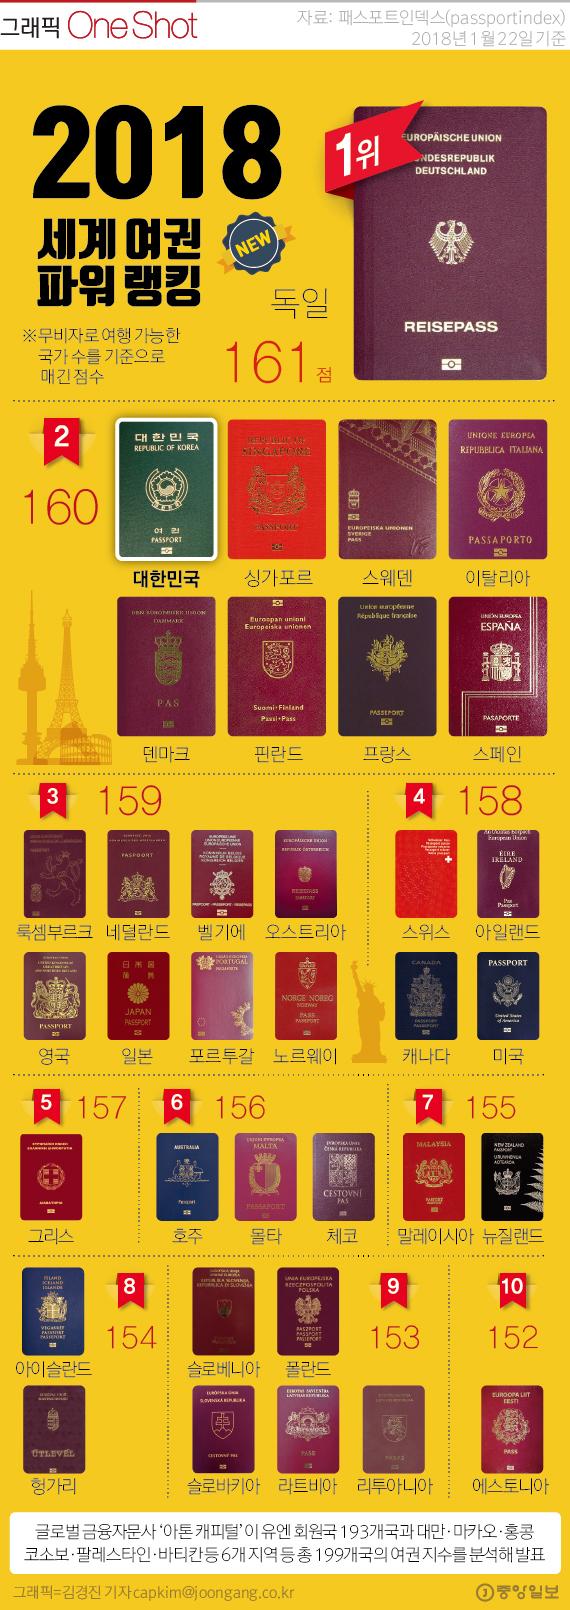 [ONE SHOT] 2018 세계 여권 경쟁력 1위 독일…한국 여권 경쟁력은?